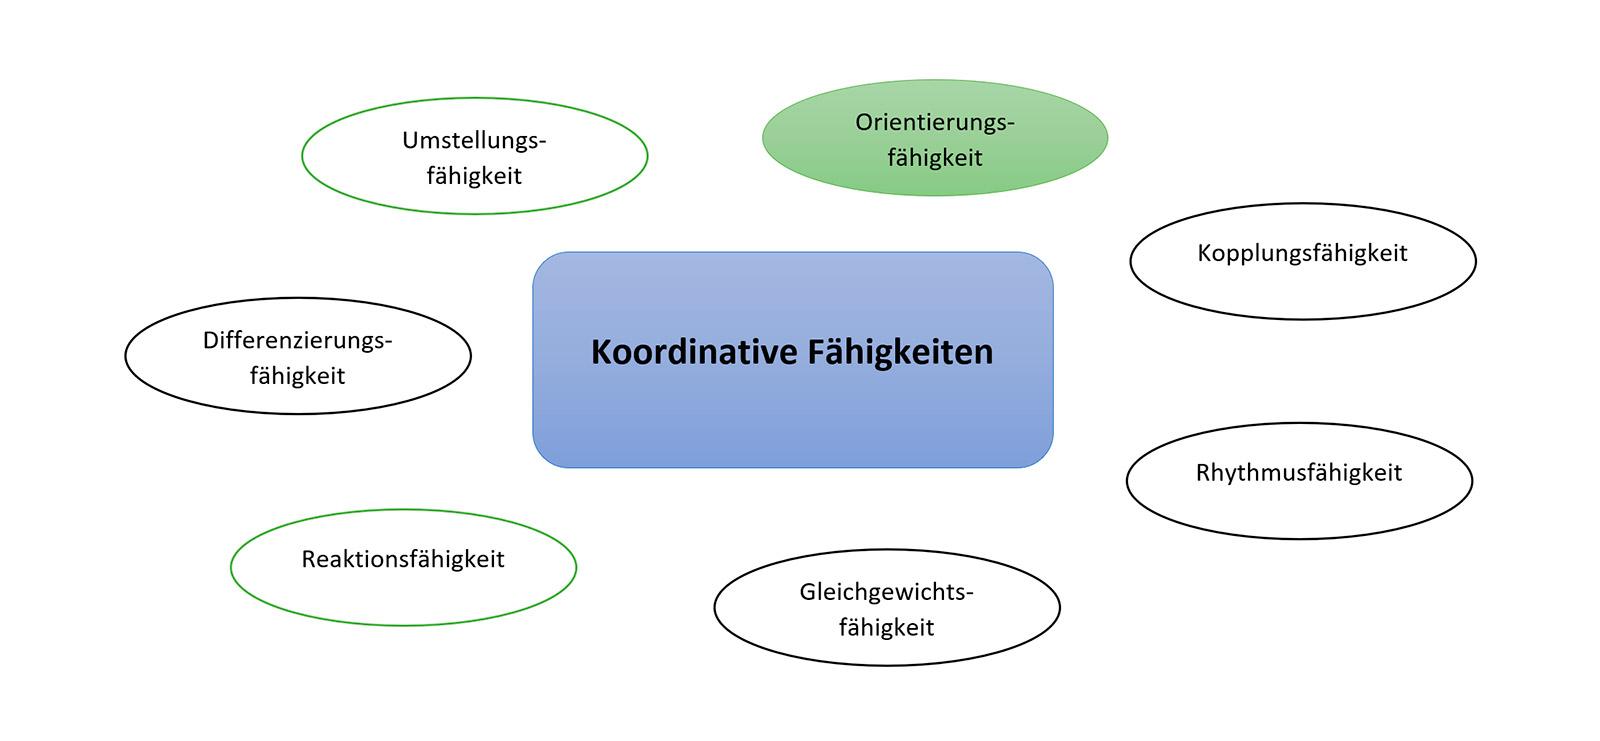 Orientierungsfähigkeit - koordinative Fähigkeiten